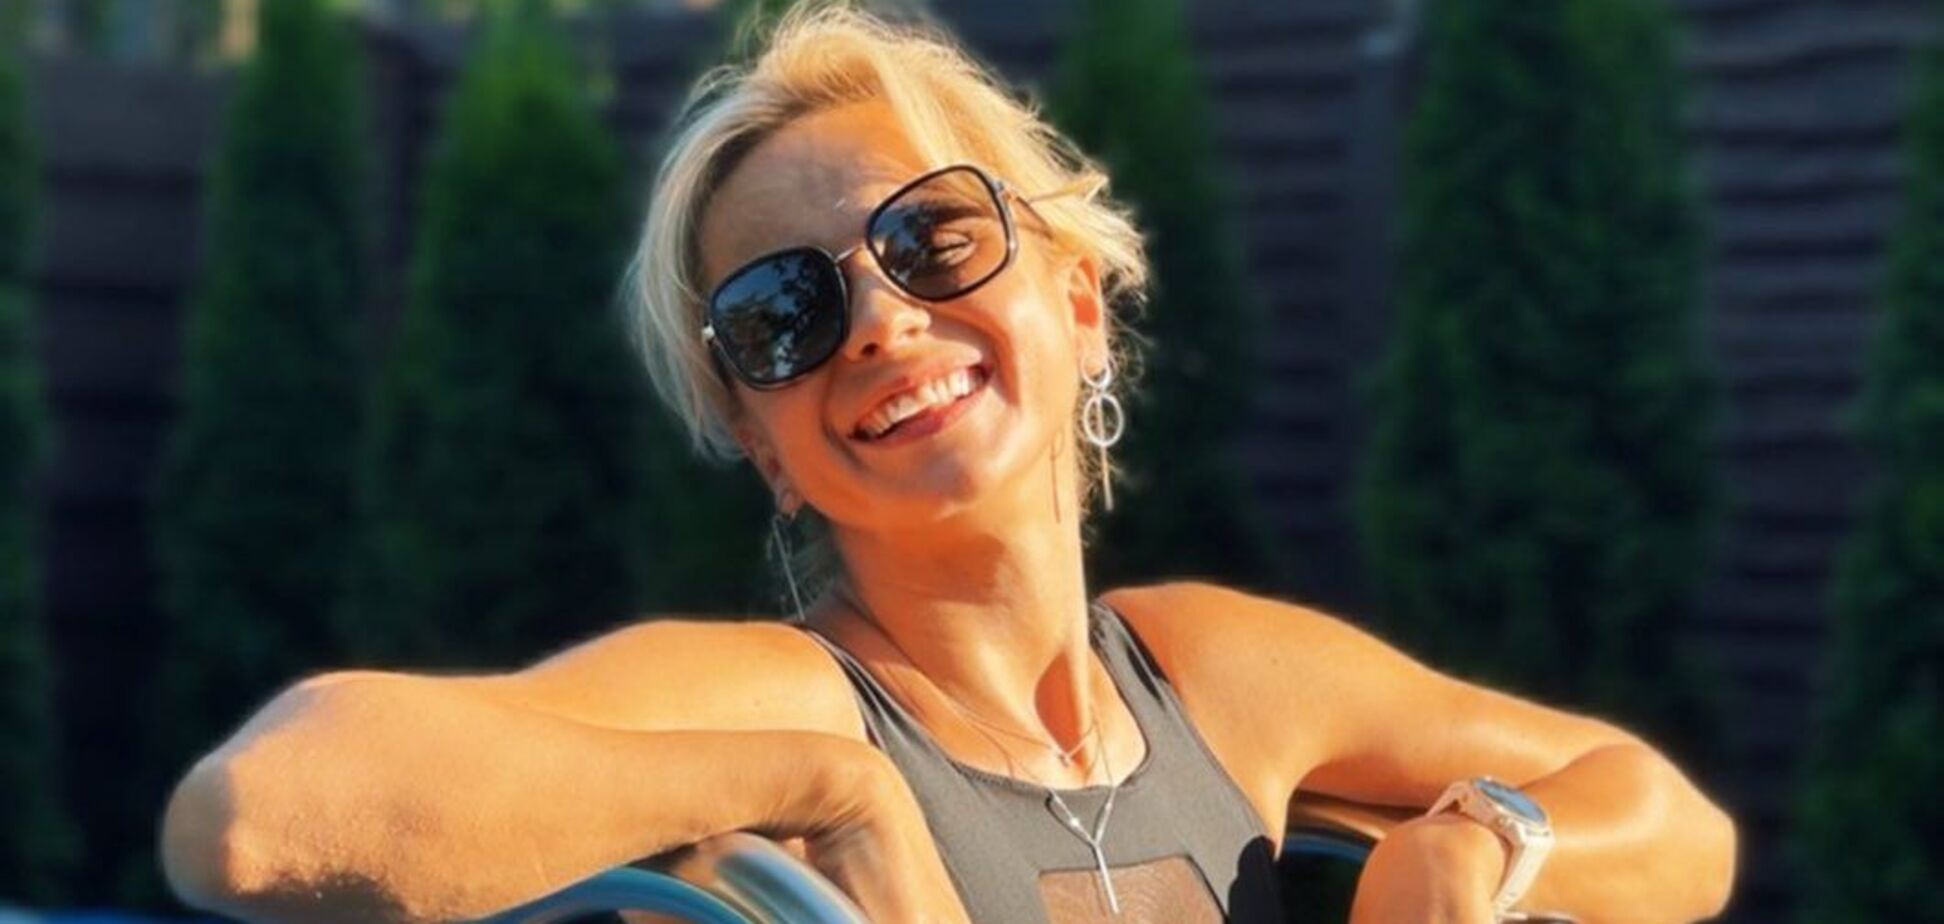 Лілія Ребрик вразила фігурою в купальнику без бретелей. Фото